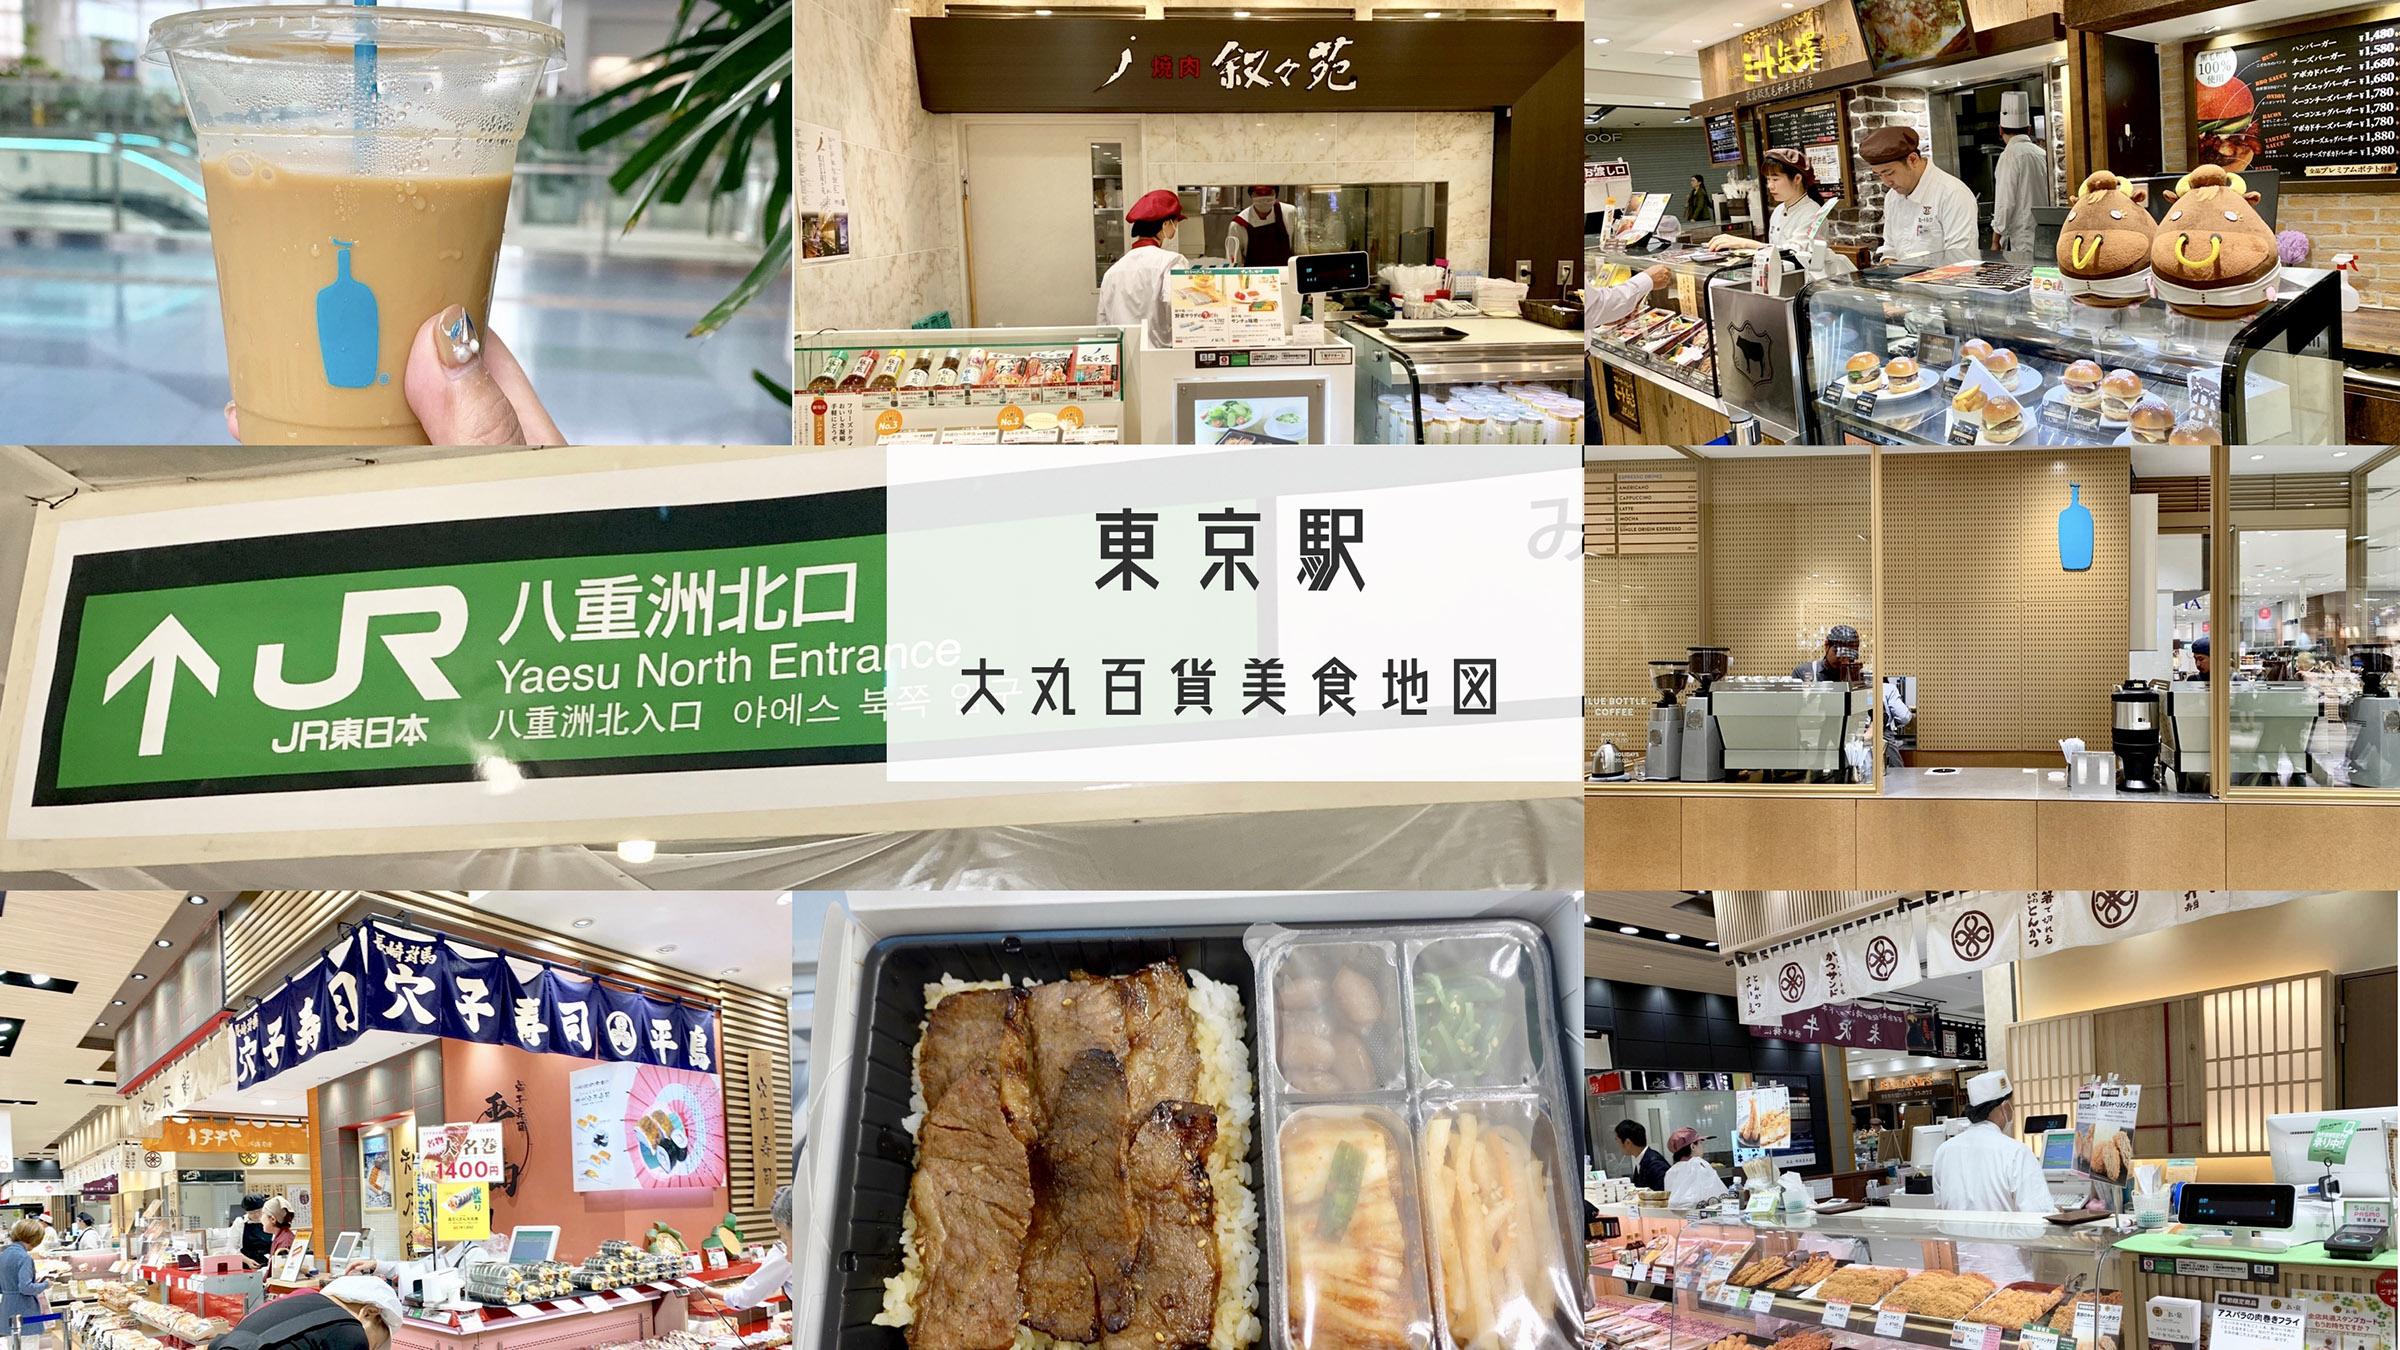 ☆【2019。東京】大丸百貨美食攻略。車站便當必買推薦:敘敘苑便當+藍瓶咖啡 @凱的日本食尚日記